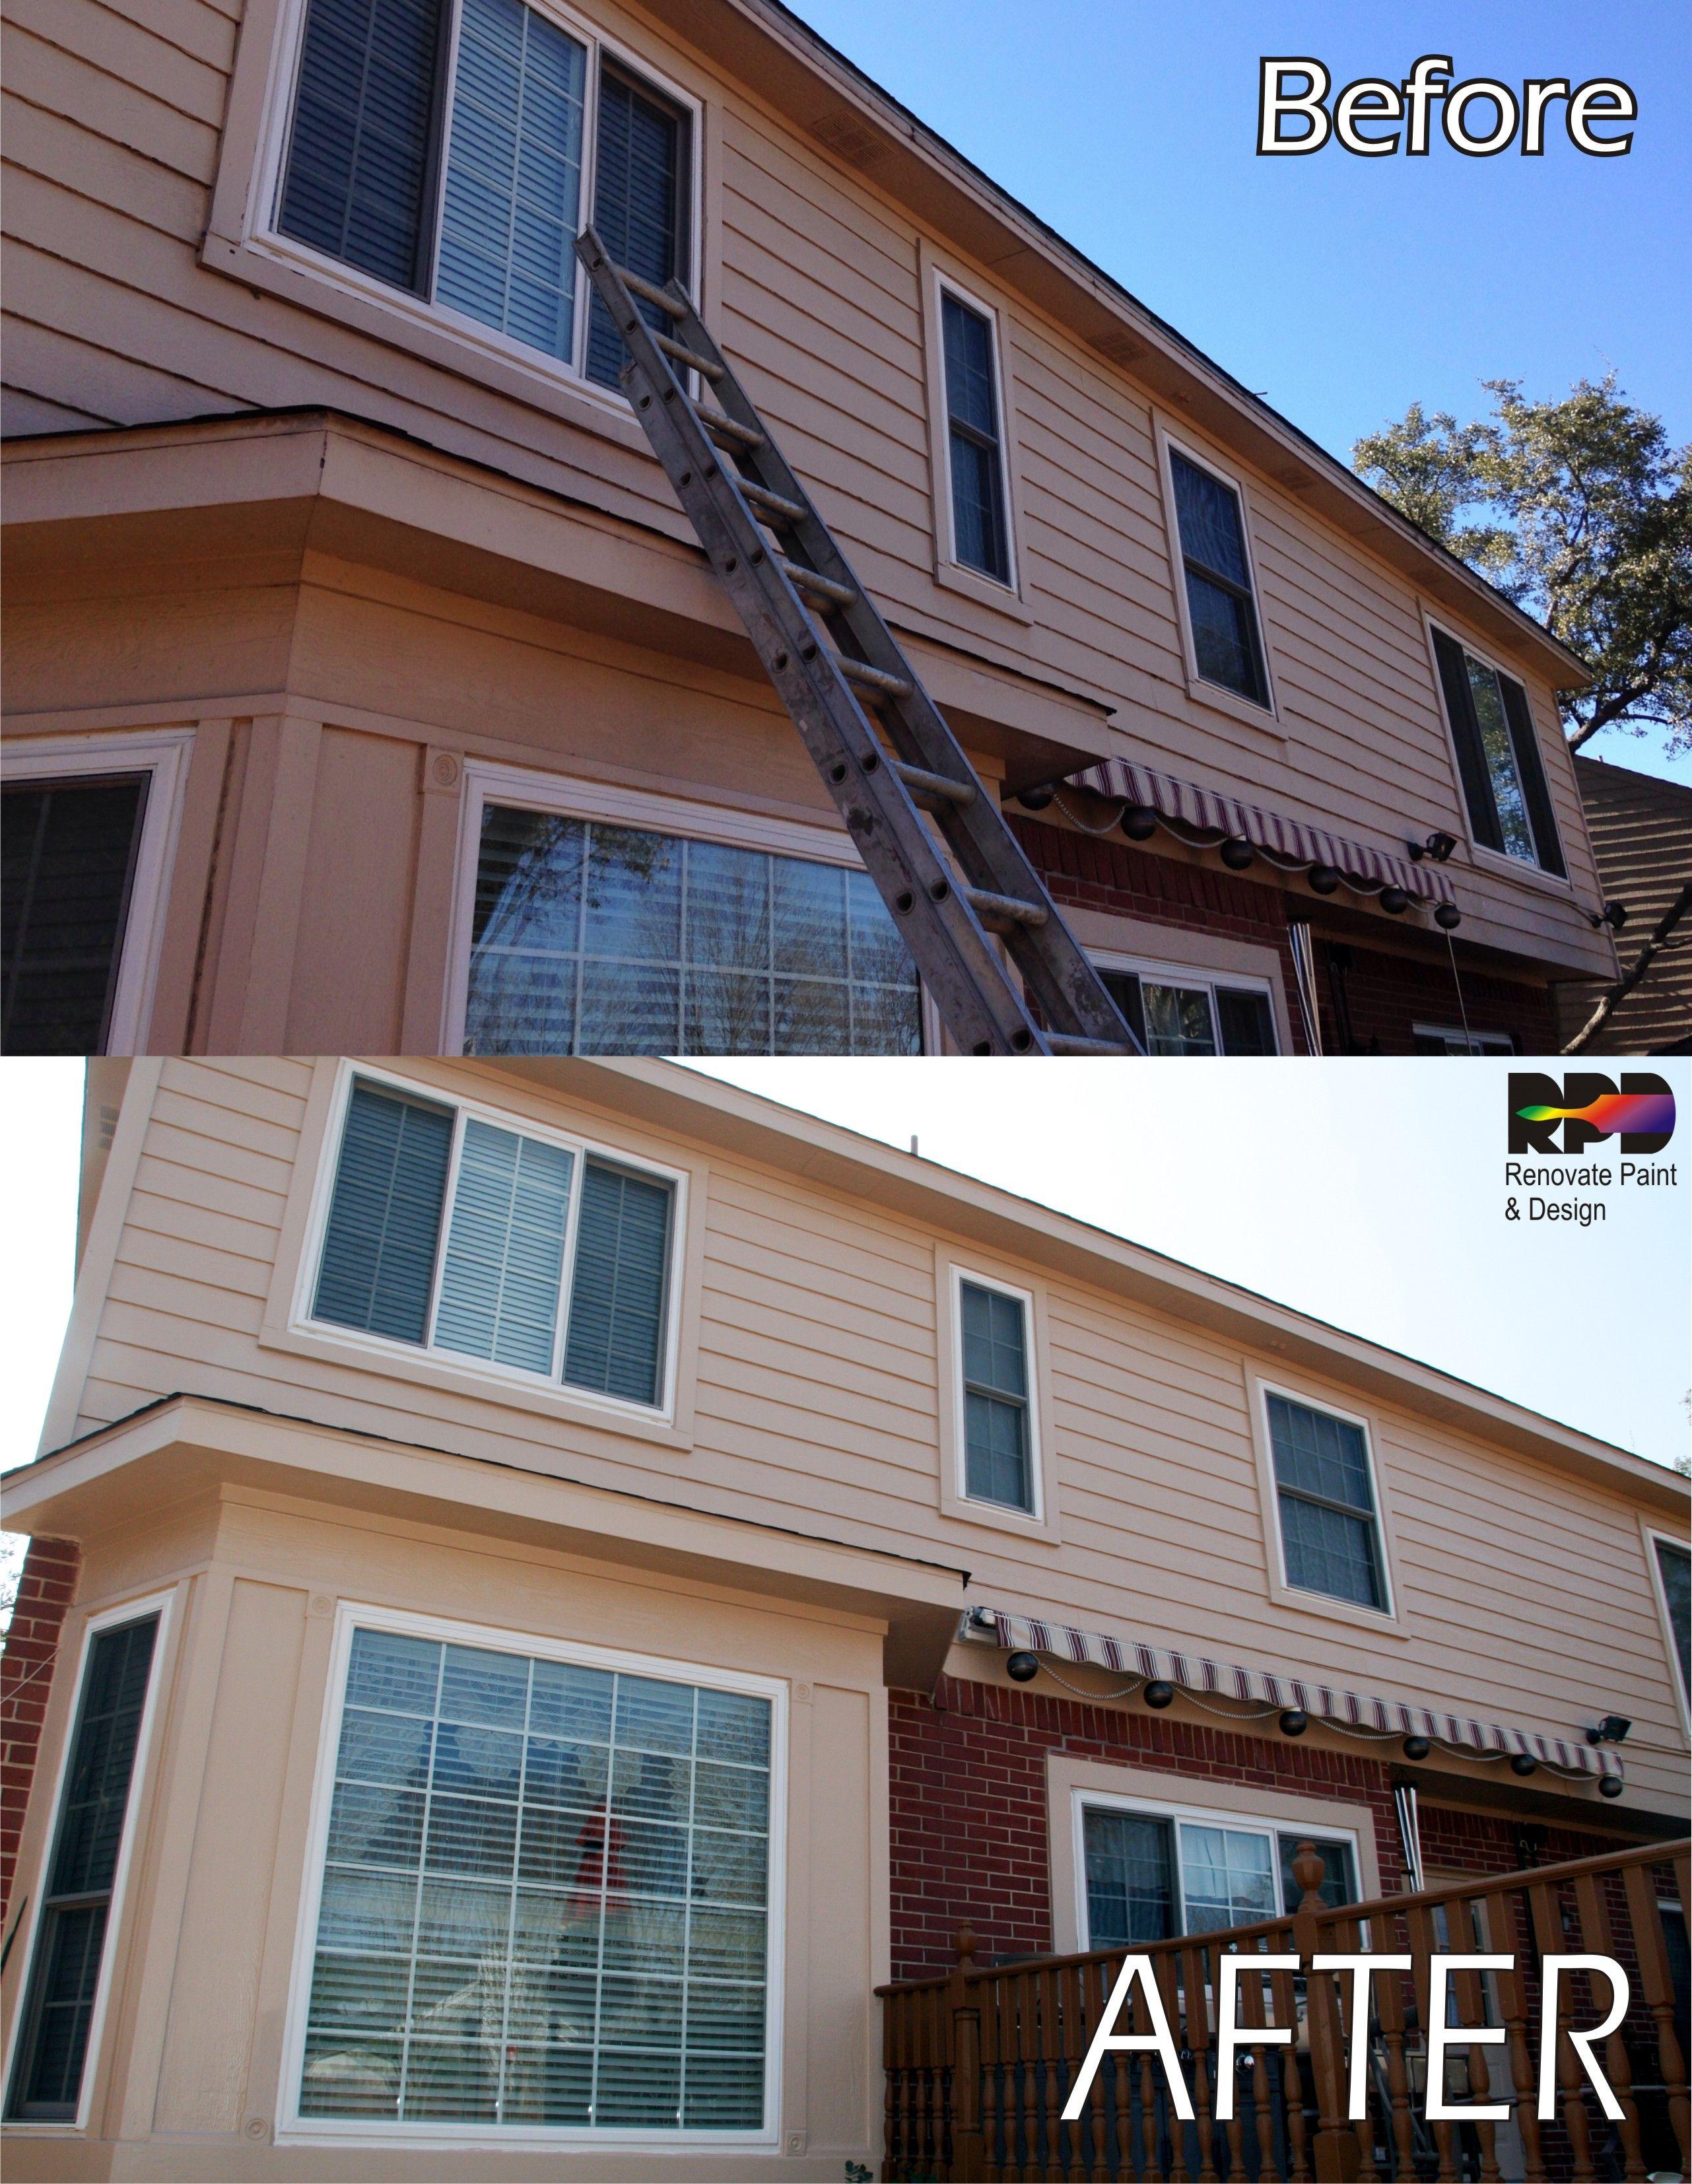 wood siding repair. Siding Repairs, Wood Repairs And A Fresh Coat Of New Paint Color, Enhanced Repair I